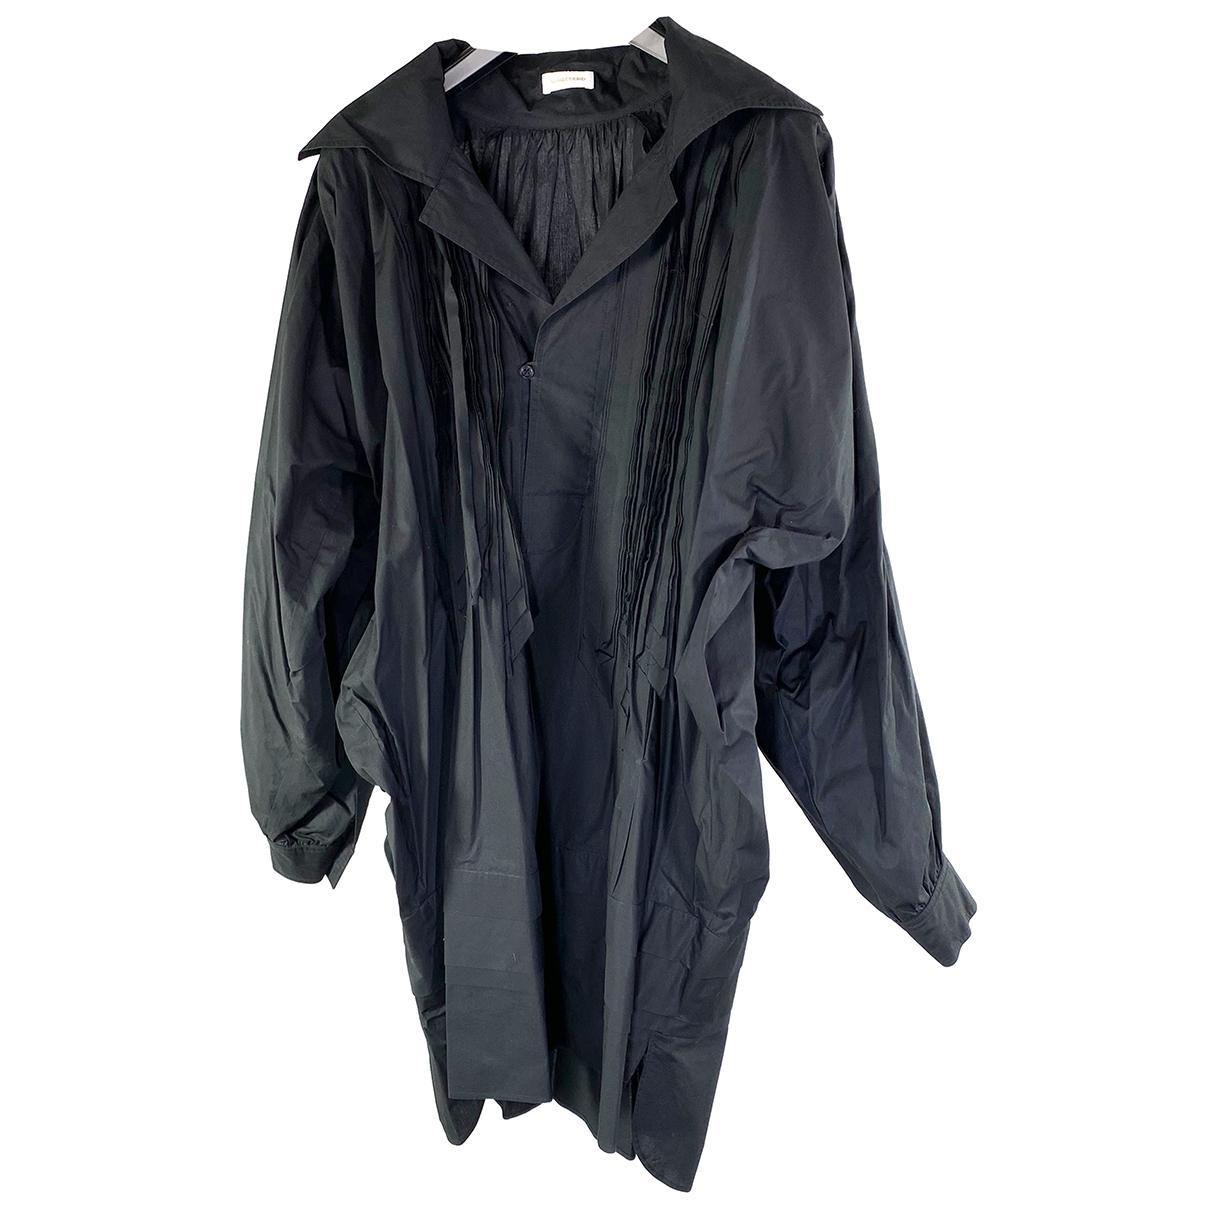 Wunderkind - Robe   pour femme en coton - noir